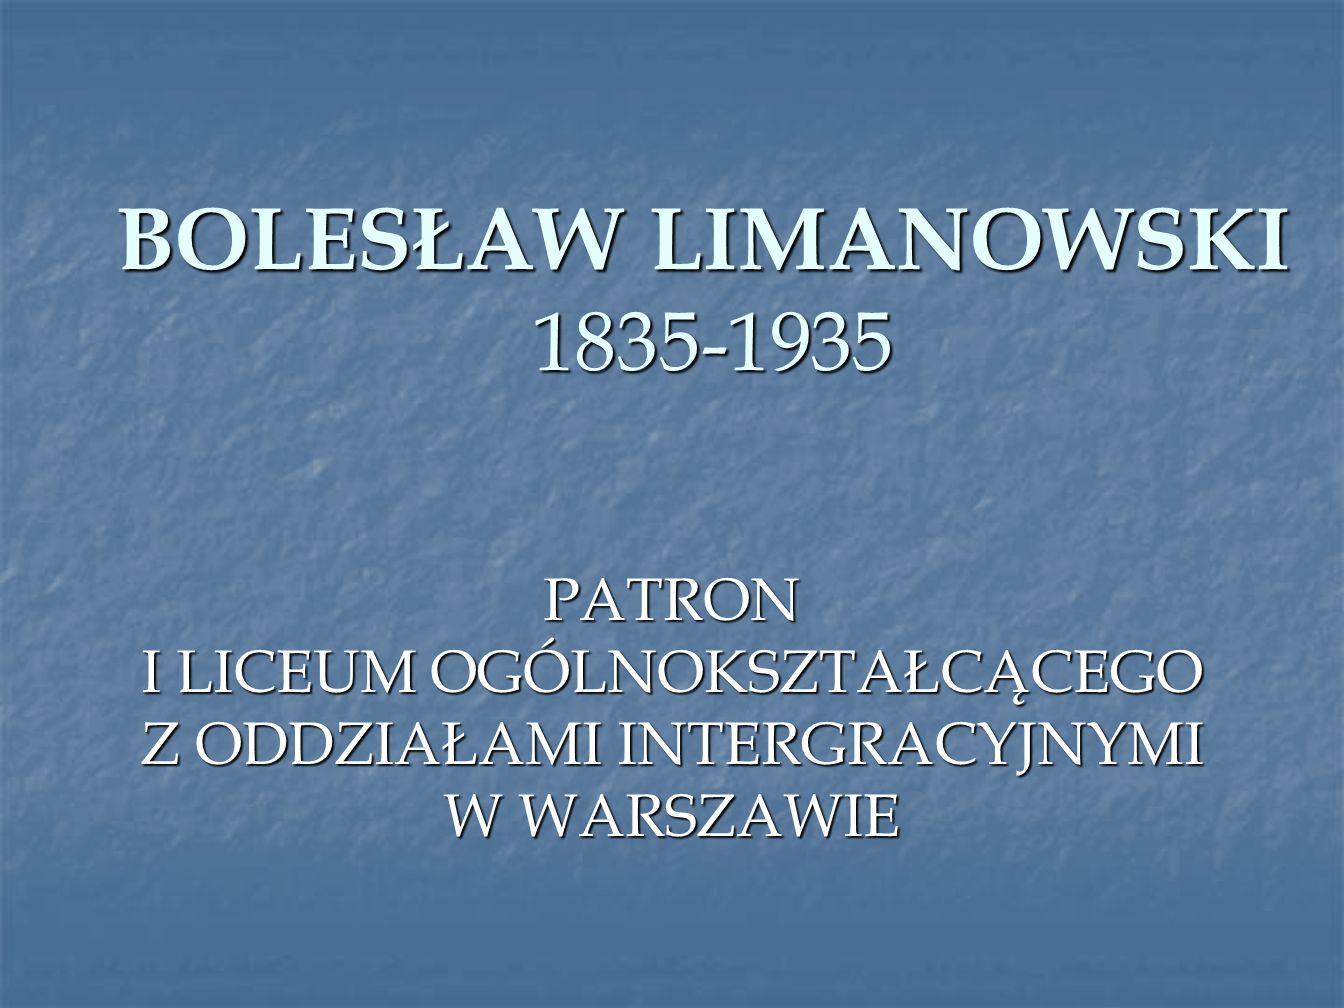 BOLESŁAW LIMANOWSKI 1835-1935 PATRON I LICEUM OGÓLNOKSZTAŁCĄCEGO Z ODDZIAŁAMI INTERGRACYJNYMI W WARSZAWIE.